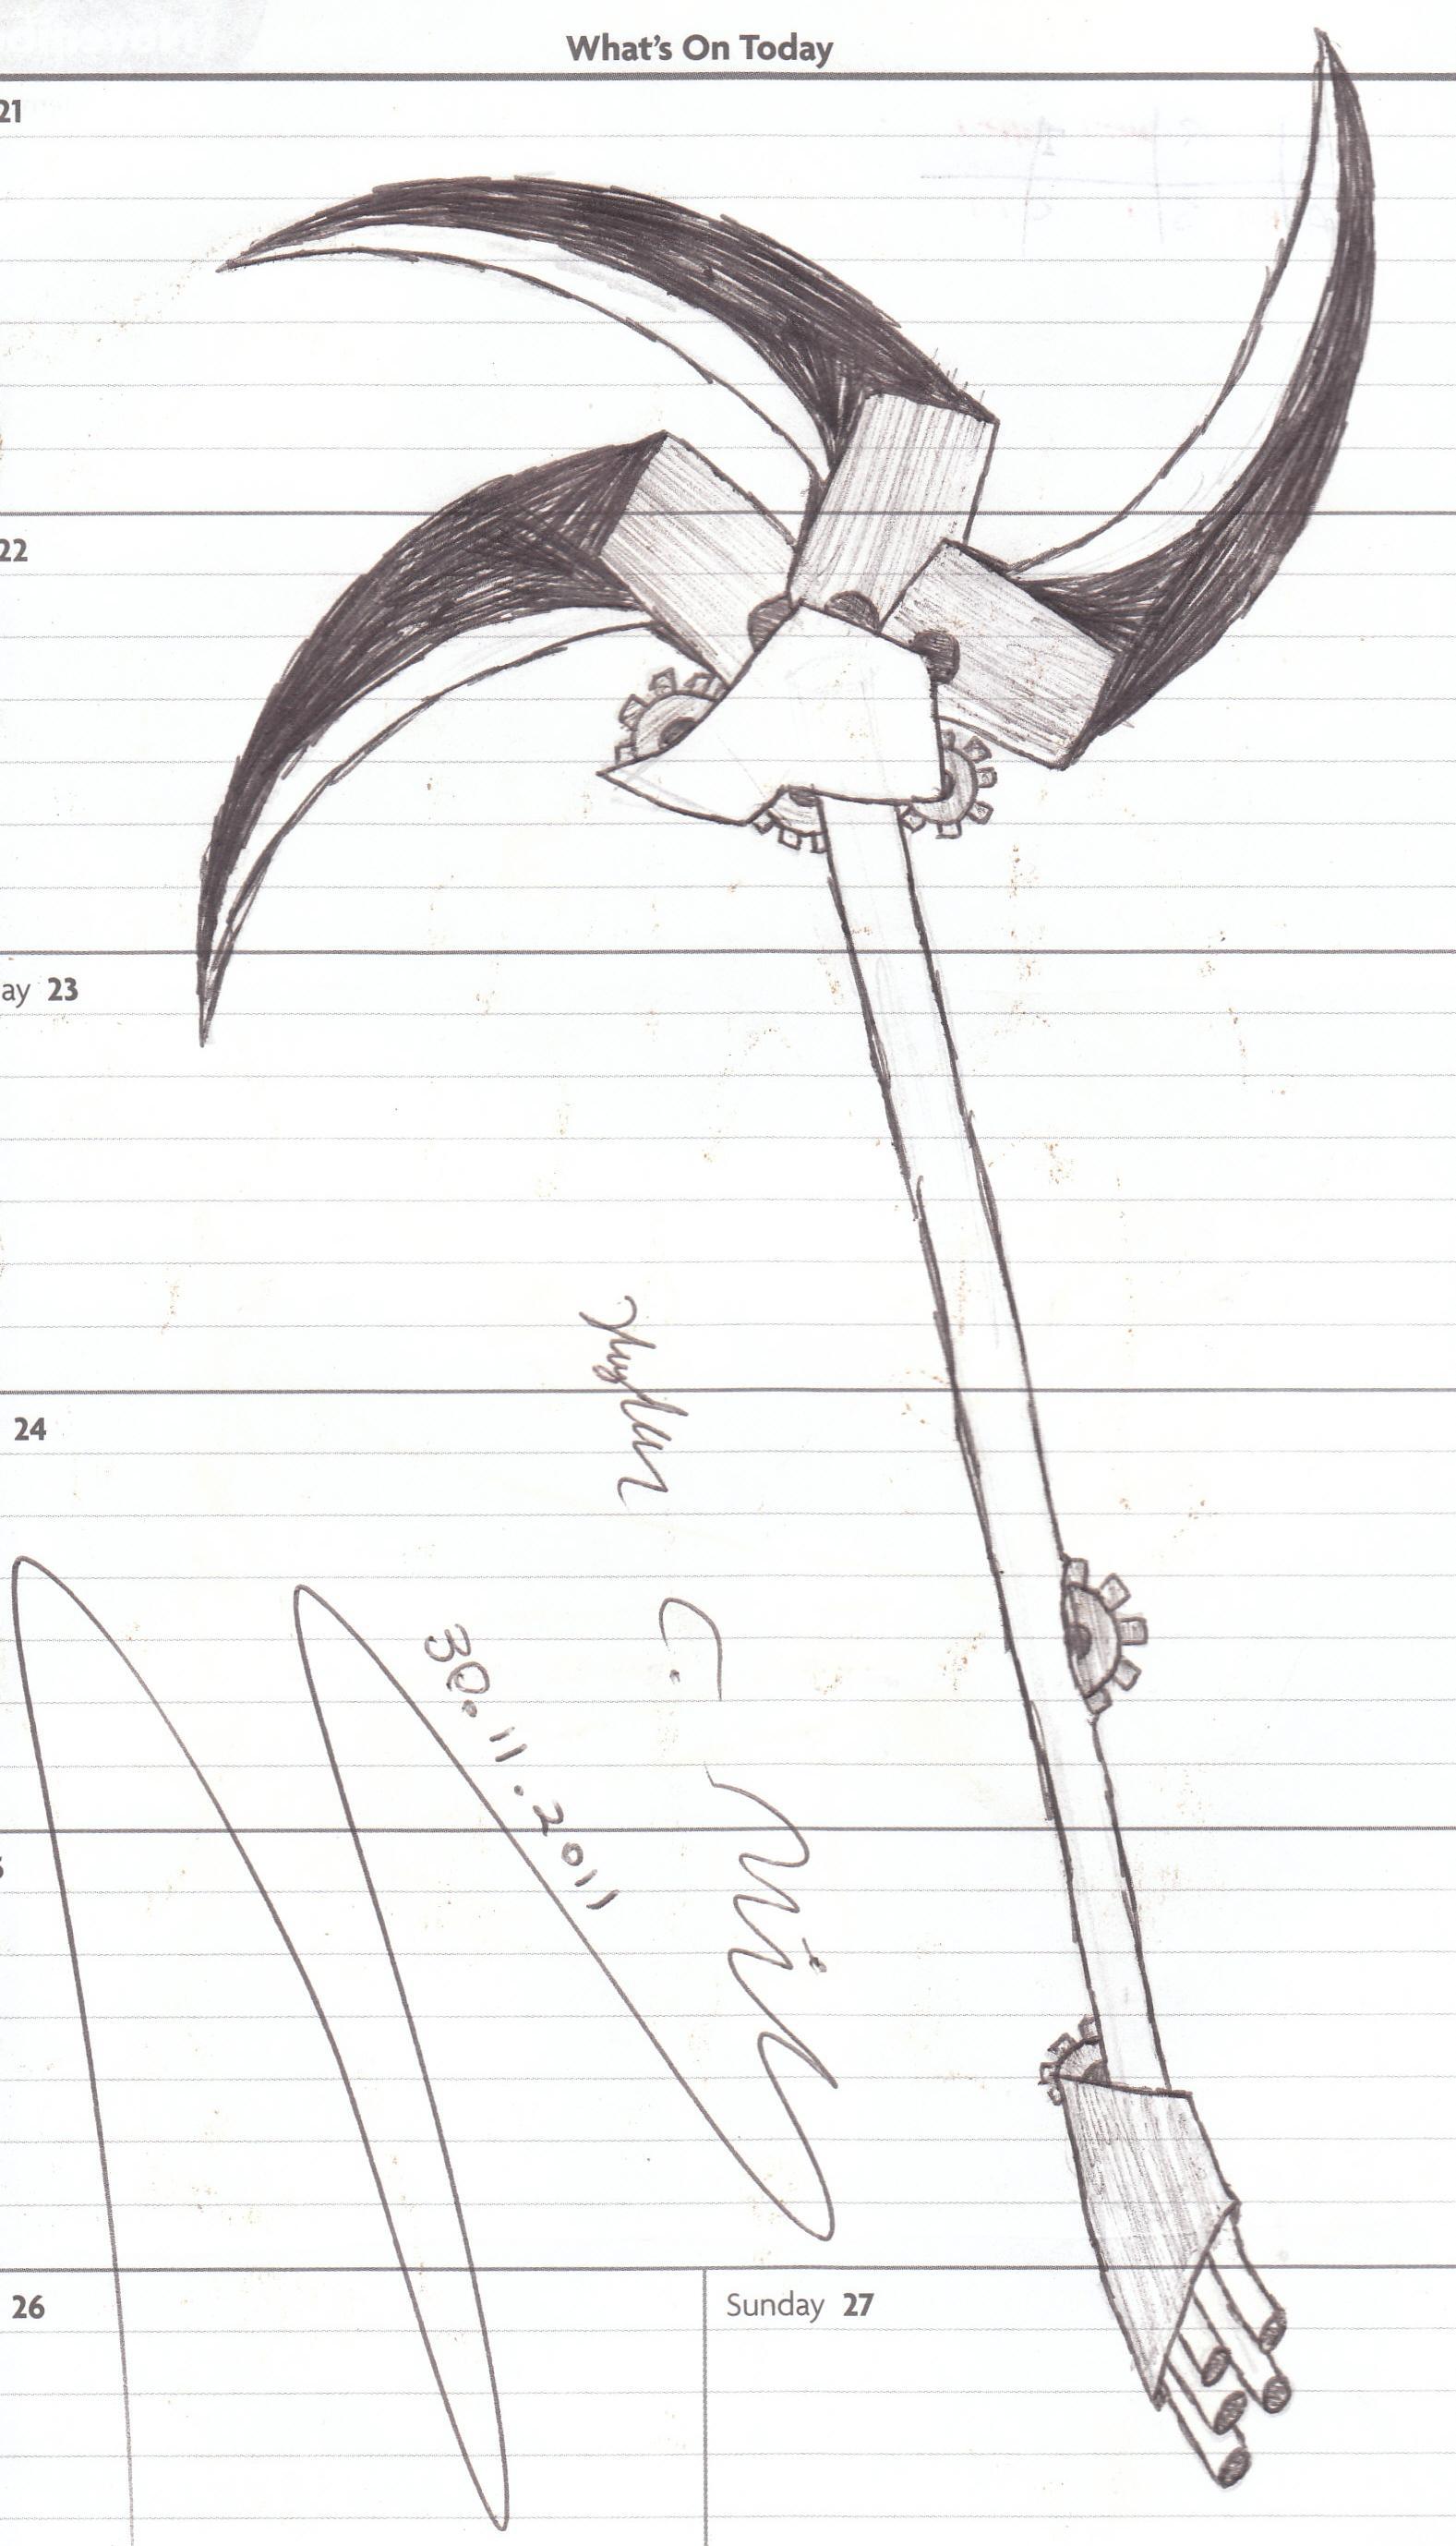 Drawn scythe mechanical By Scythe on Mechanical DeviantArt